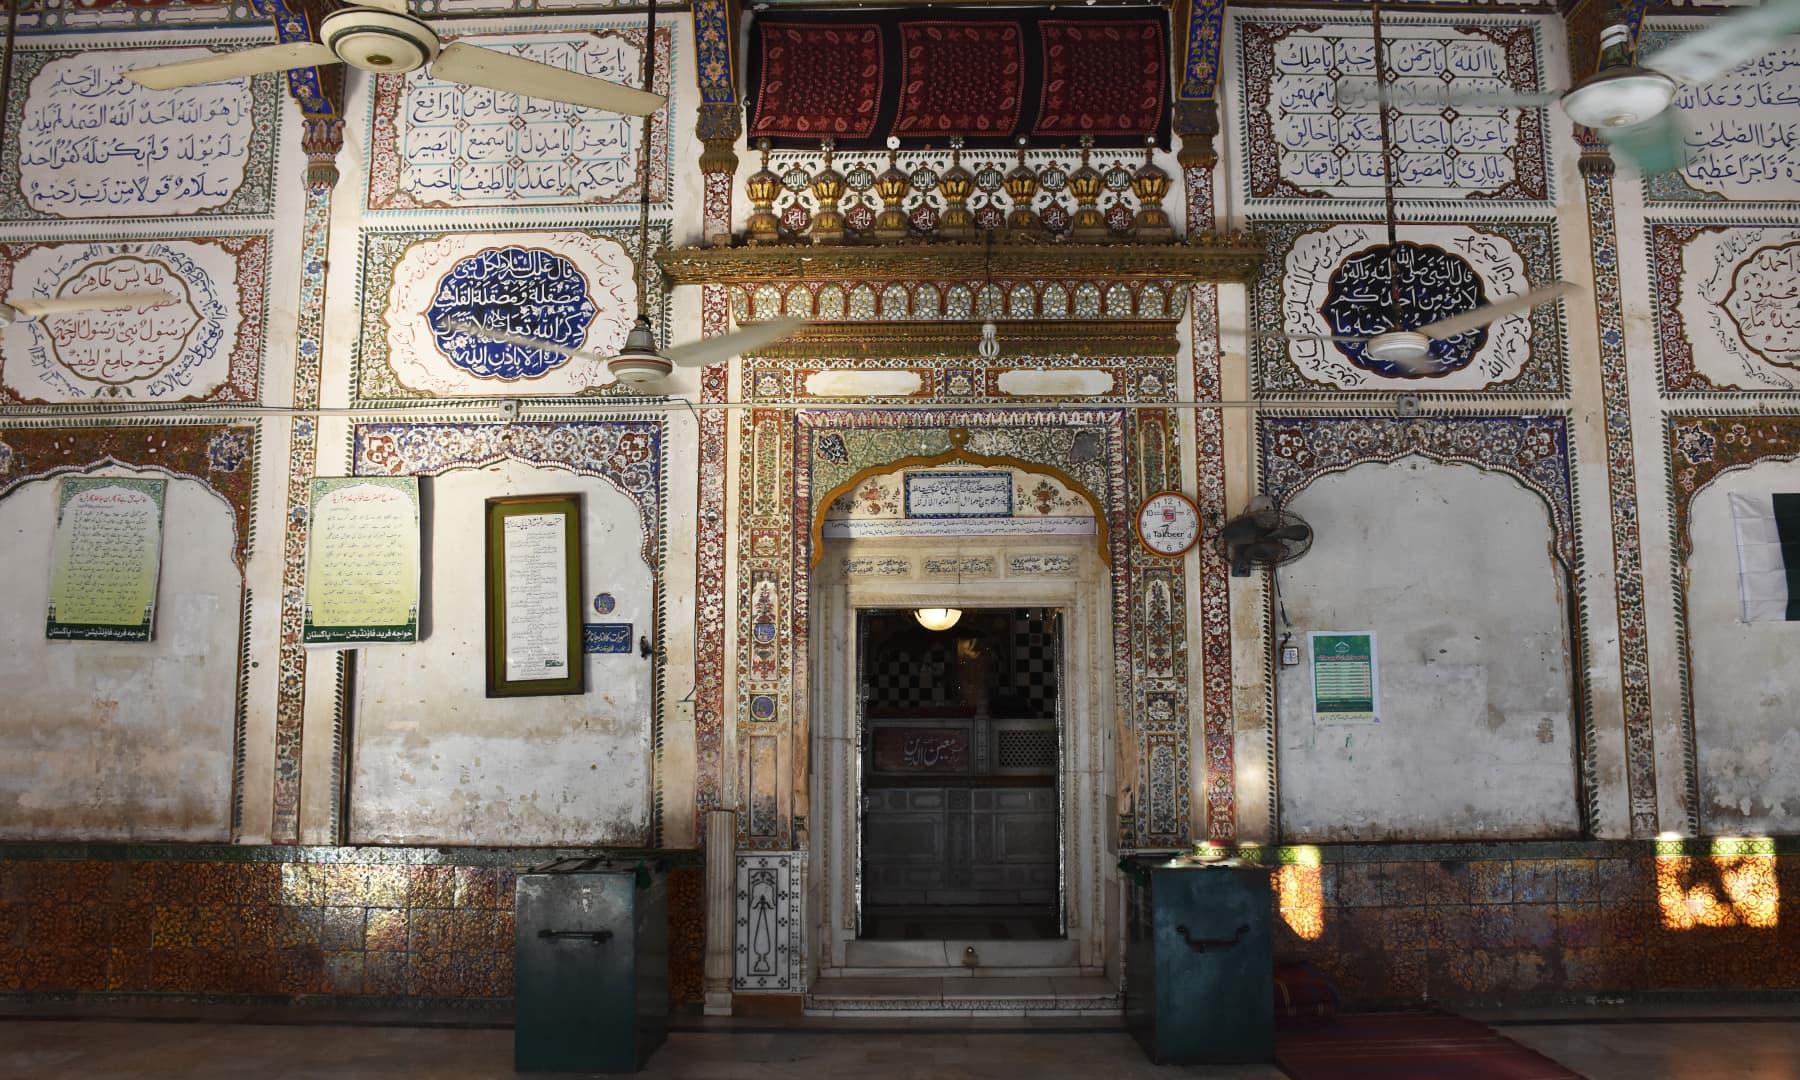 خواجہ غلام فرید کے مزار کا داخلی دروازہ—تصویر رمضان رفیق